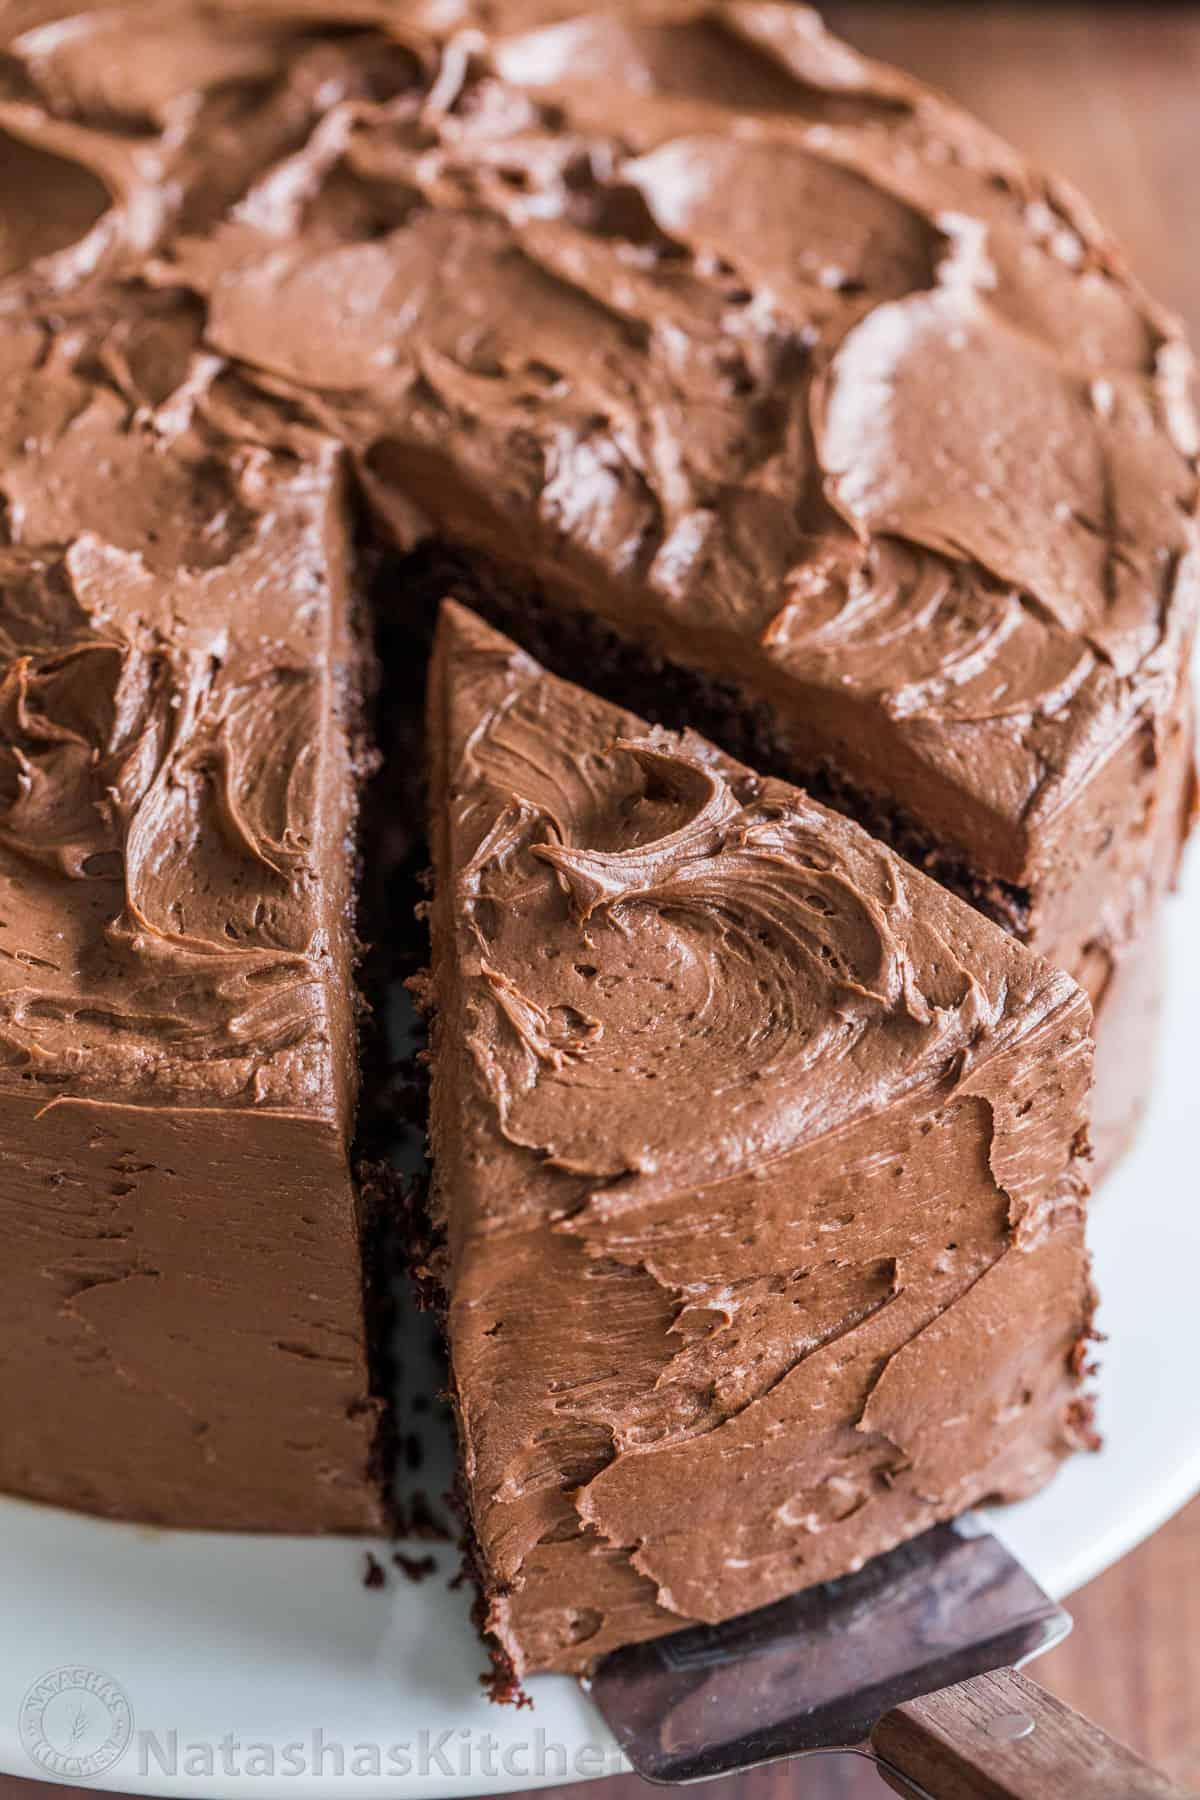 Chocolate Cake Recipe Video Natashaskitchen Com